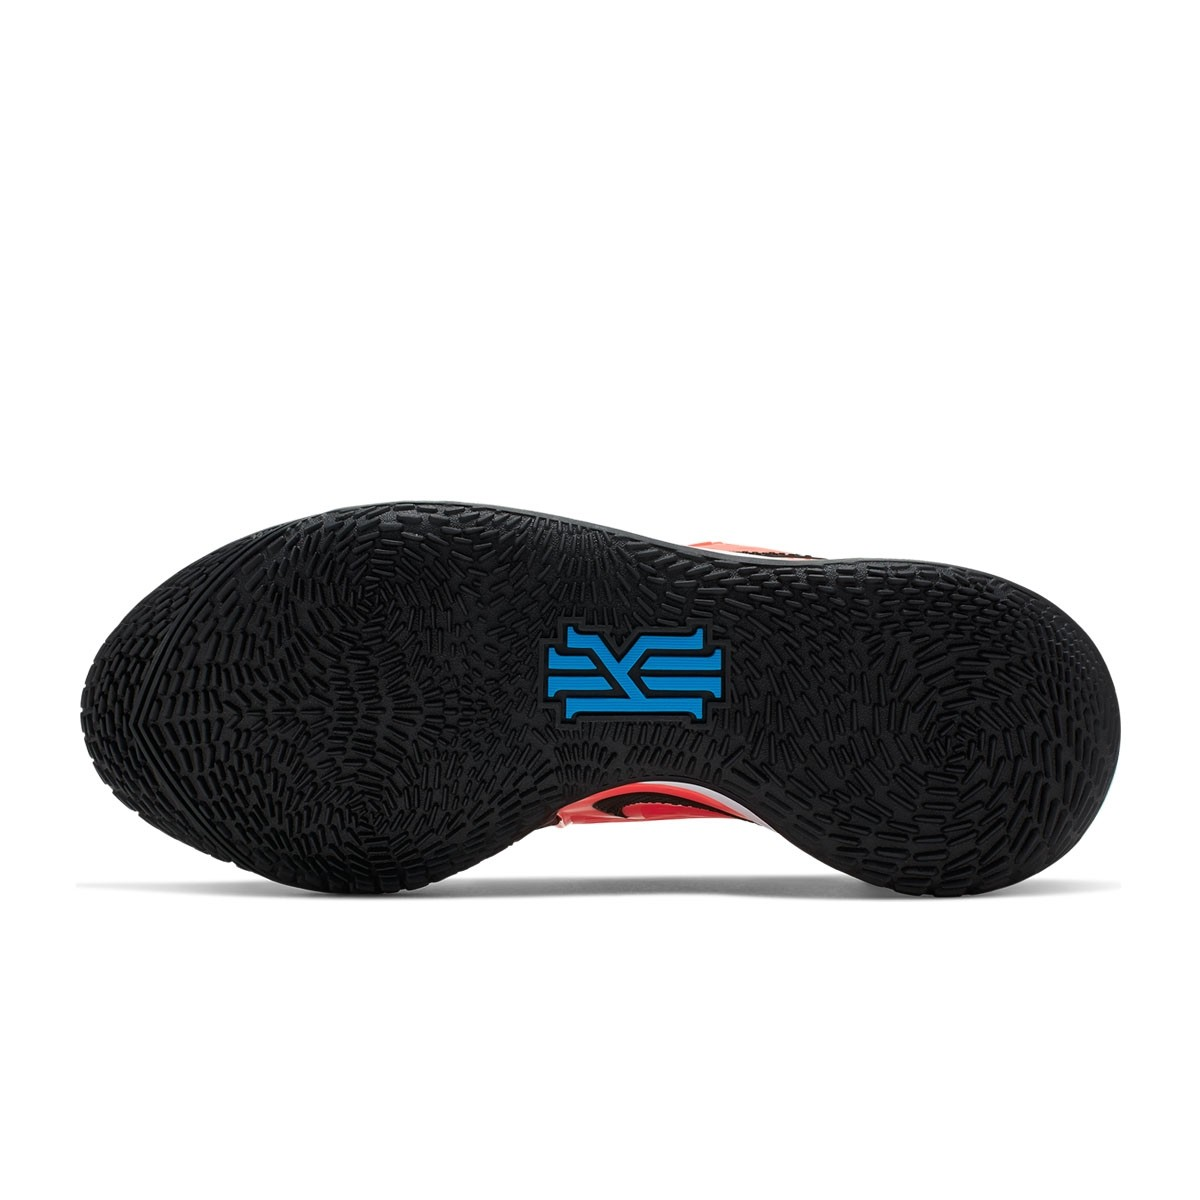 timeless design c07af ef468 Nike Kyrie Low 2 'White Blue Hero'